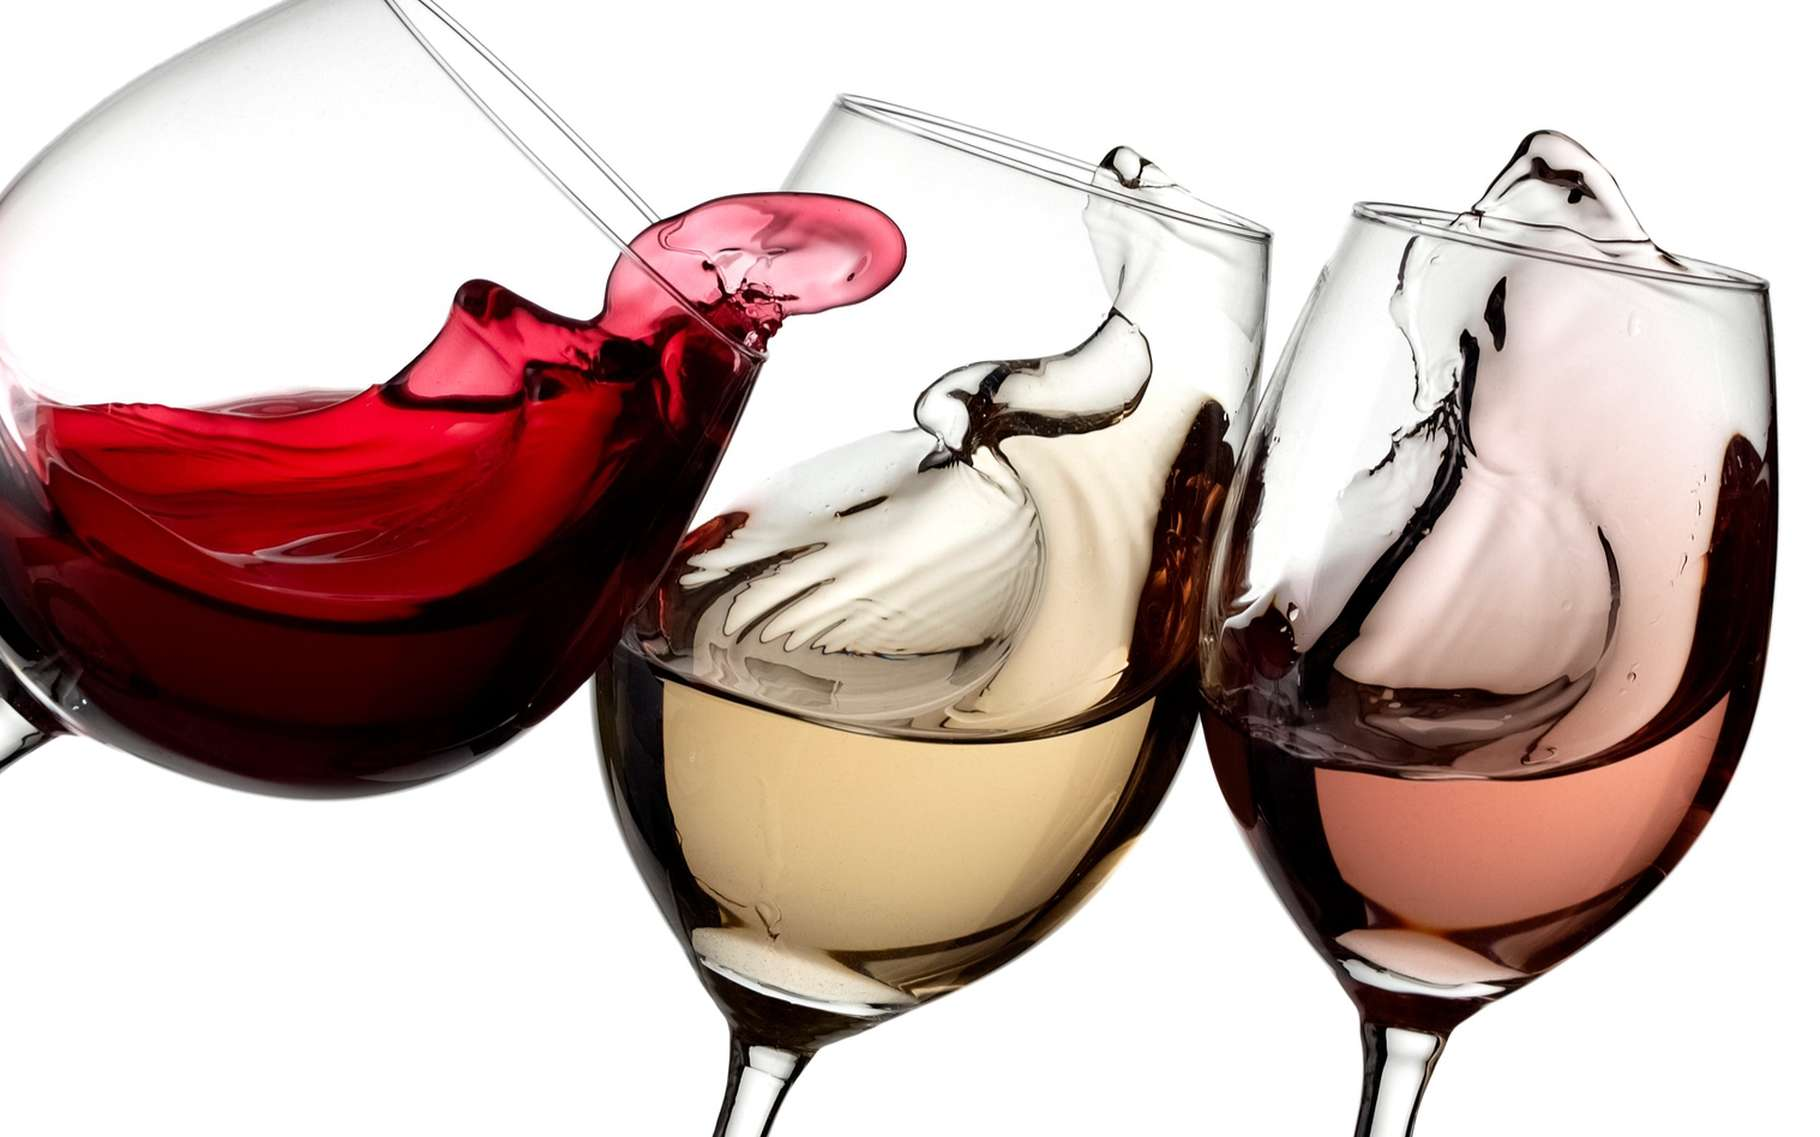 Bouteille de vin : quelques conseils pour conserver une bouteille qui a été ouverte